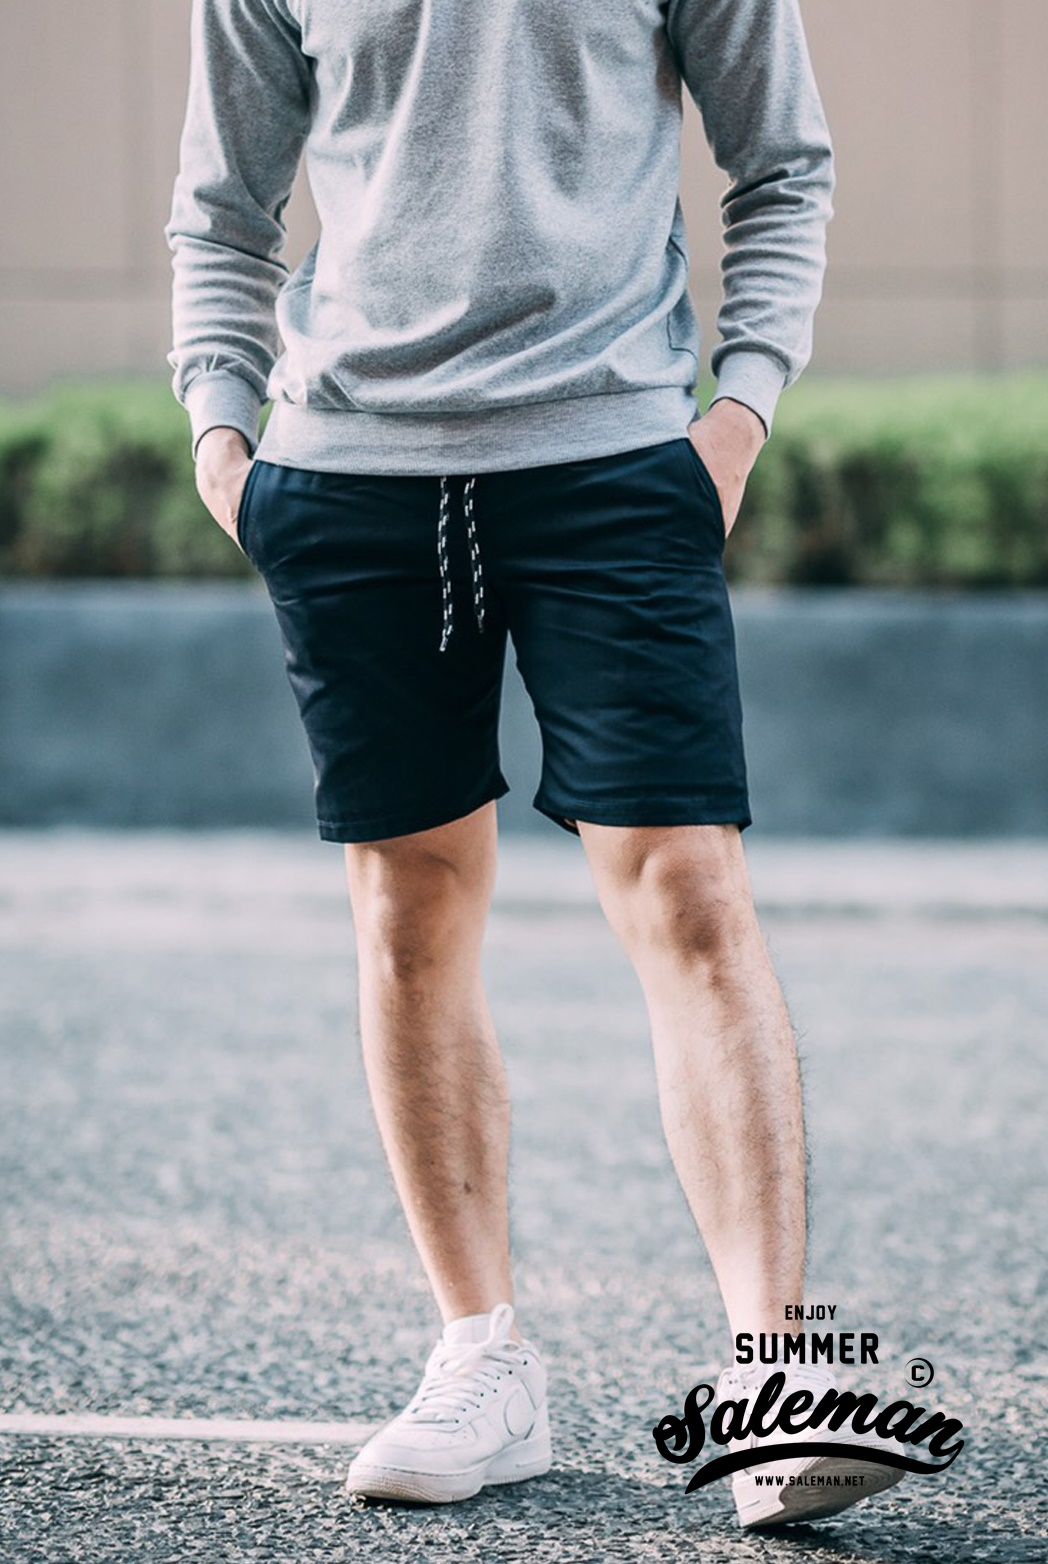 กางเกงขาสั้น พรีเมี่ยม ผ้า COTTON รหัส SST 212 สีกรมท่า